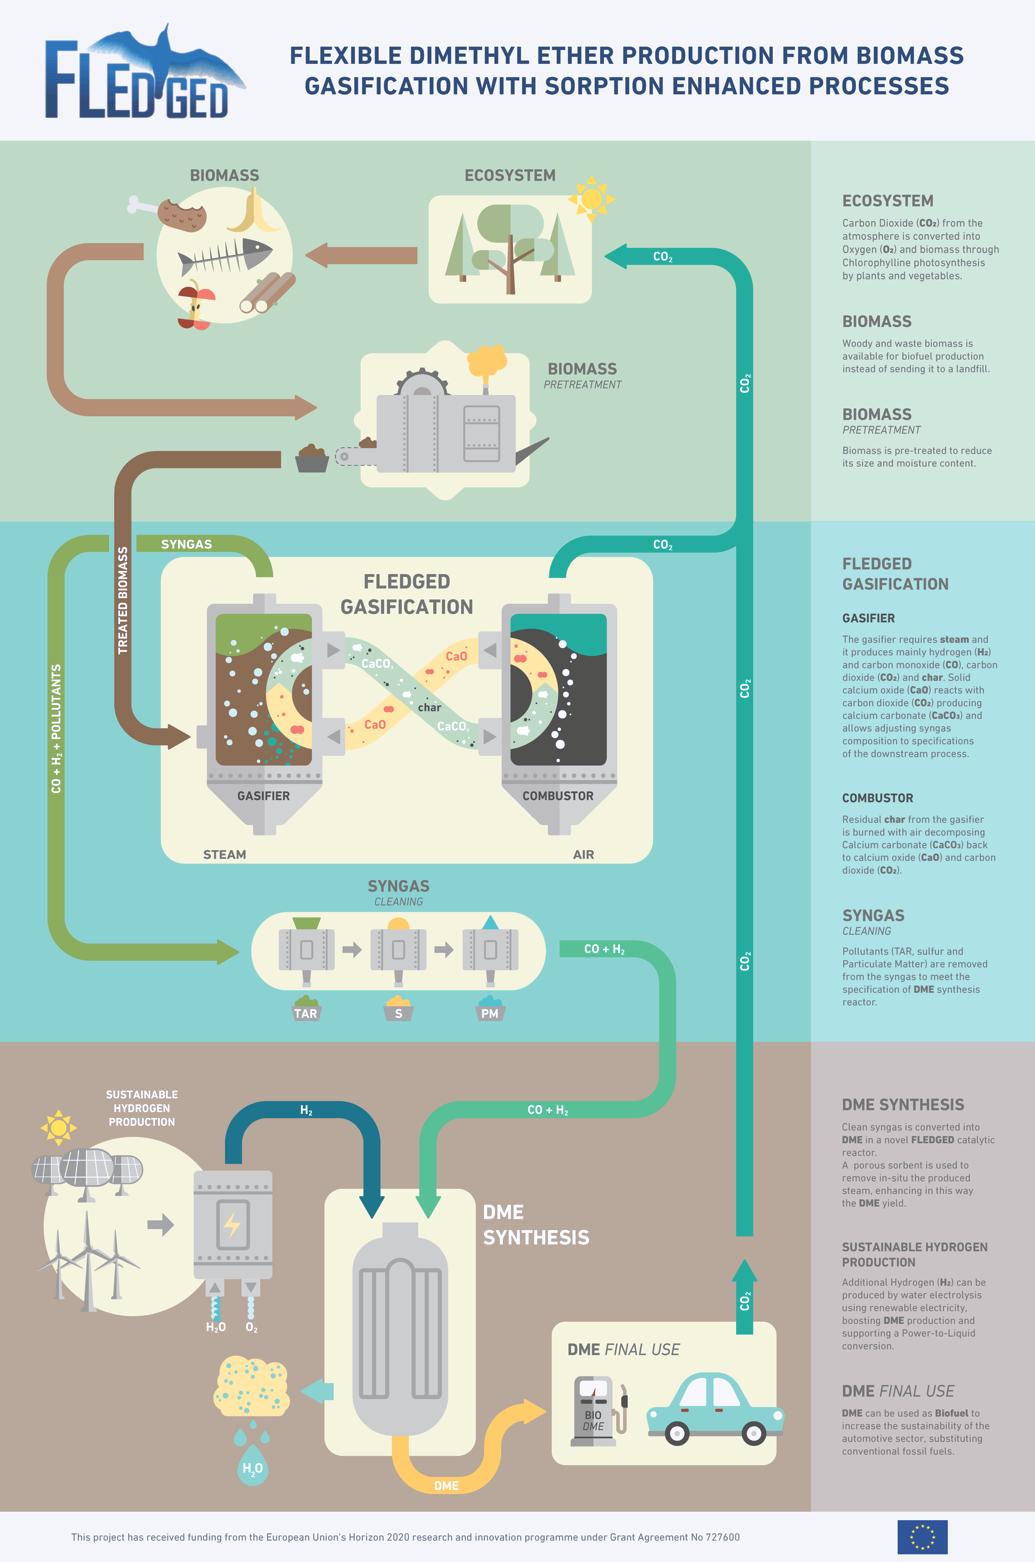 Il concept del progetto FLEDGED: dalla biomassa al biocombustibile tramite un processo reso più efficiente dall'uso di sorbenti